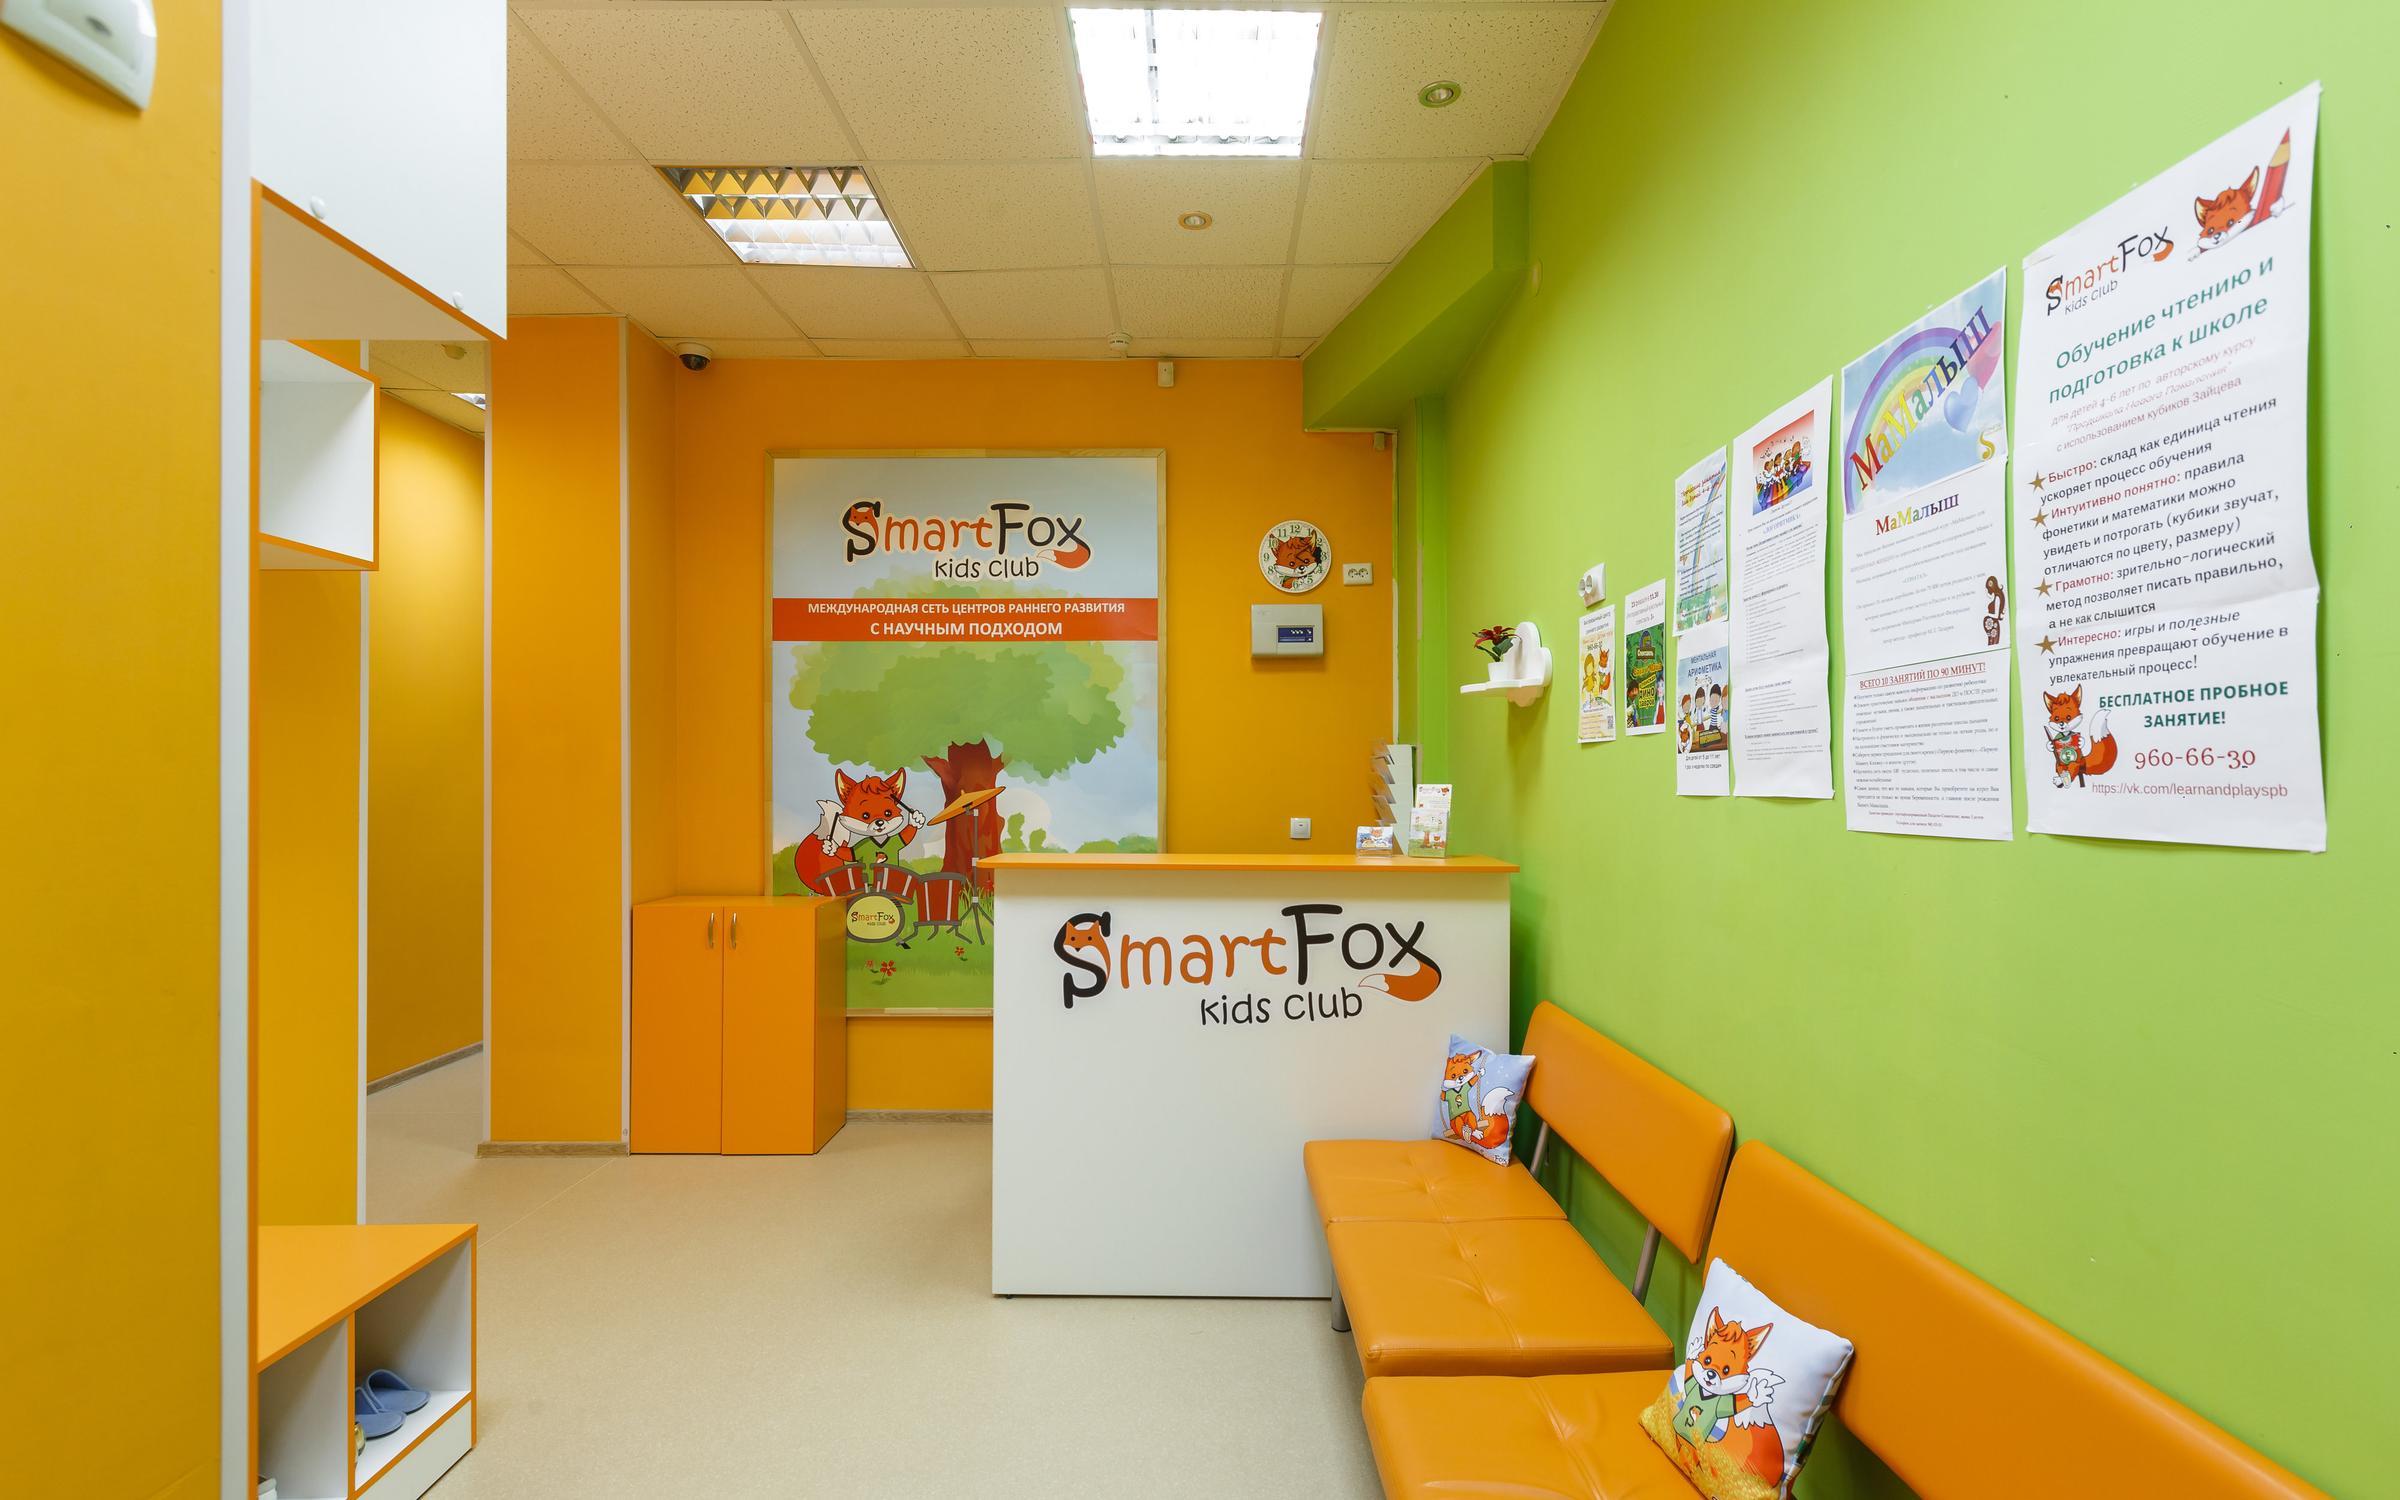 фотография Англоязычного развивающего центра SmartFox на Малой Каштановой аллее